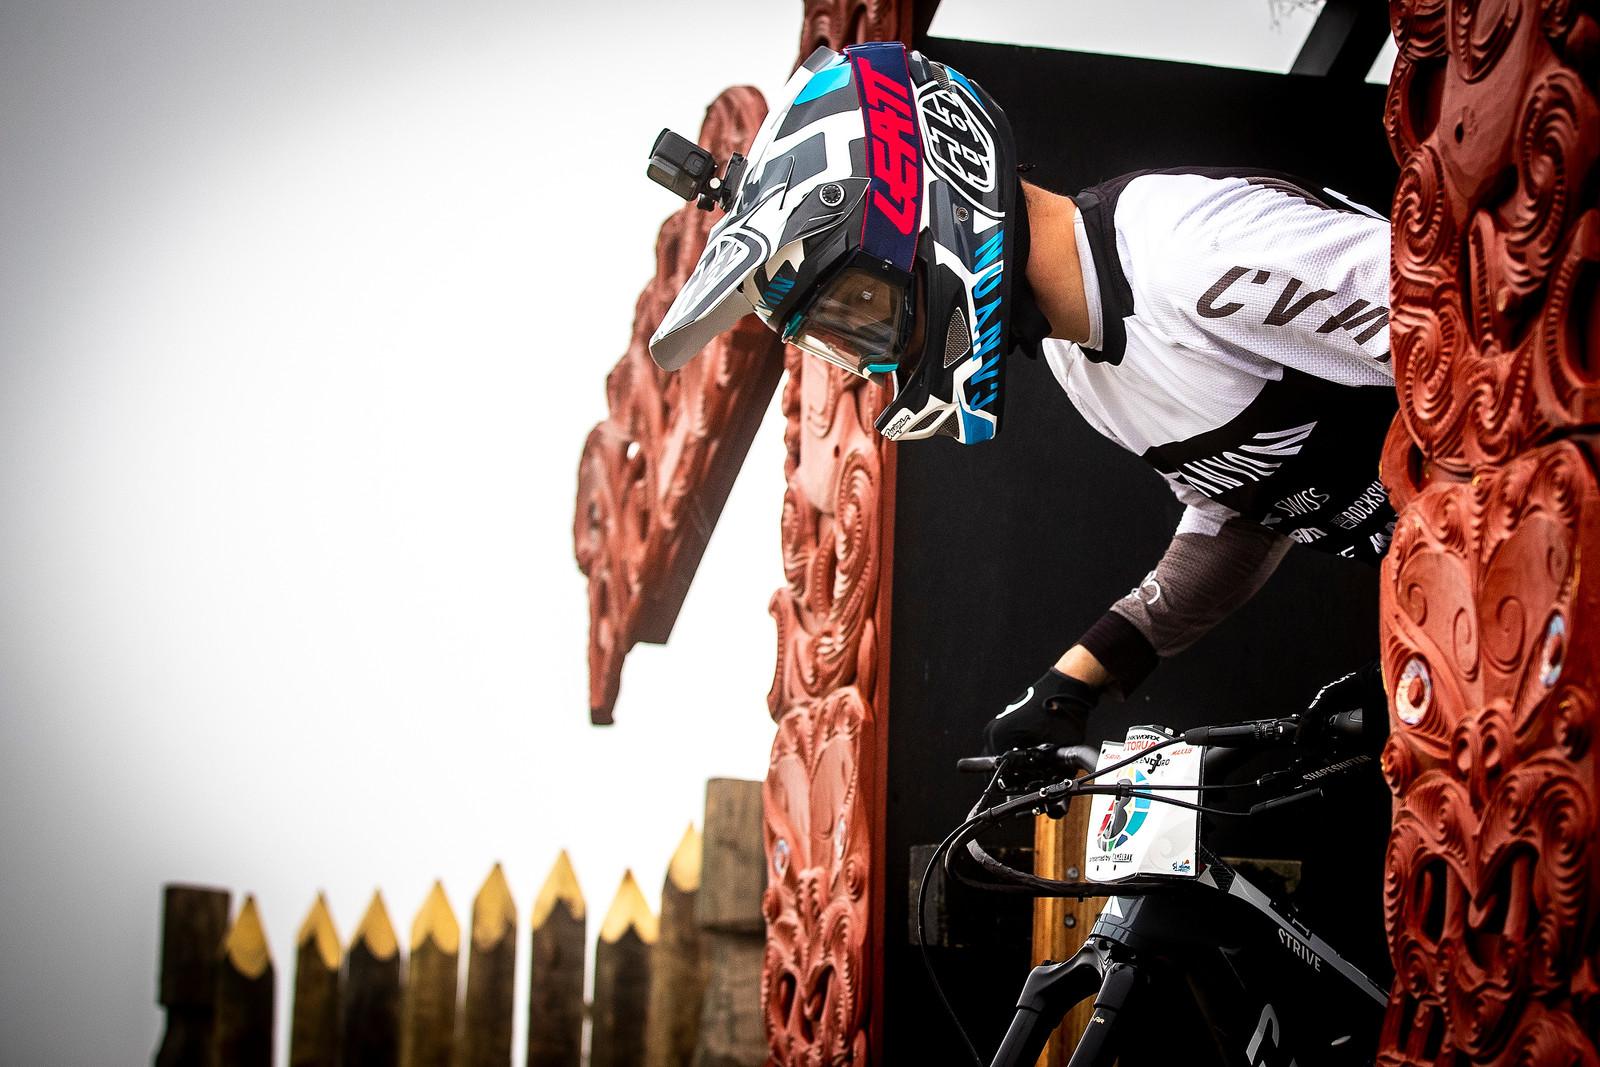 Florian Nicolai - 2019 Enduro World Series Crankworx Rotorua - Mountain Biking Pictures - Vital MTB